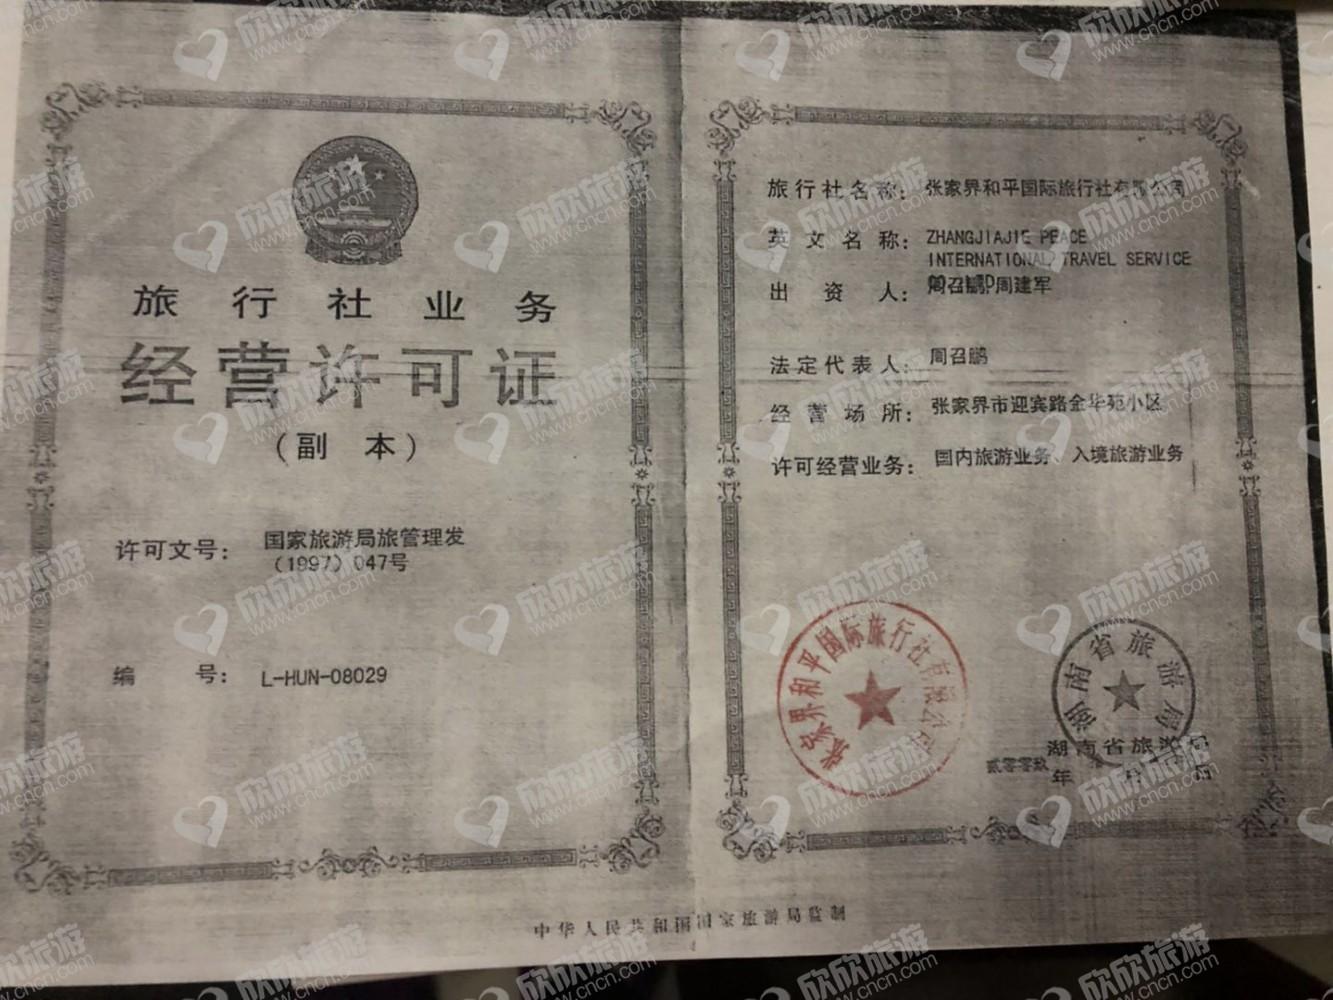 张家界和平国际旅行社有限公司经营许可证